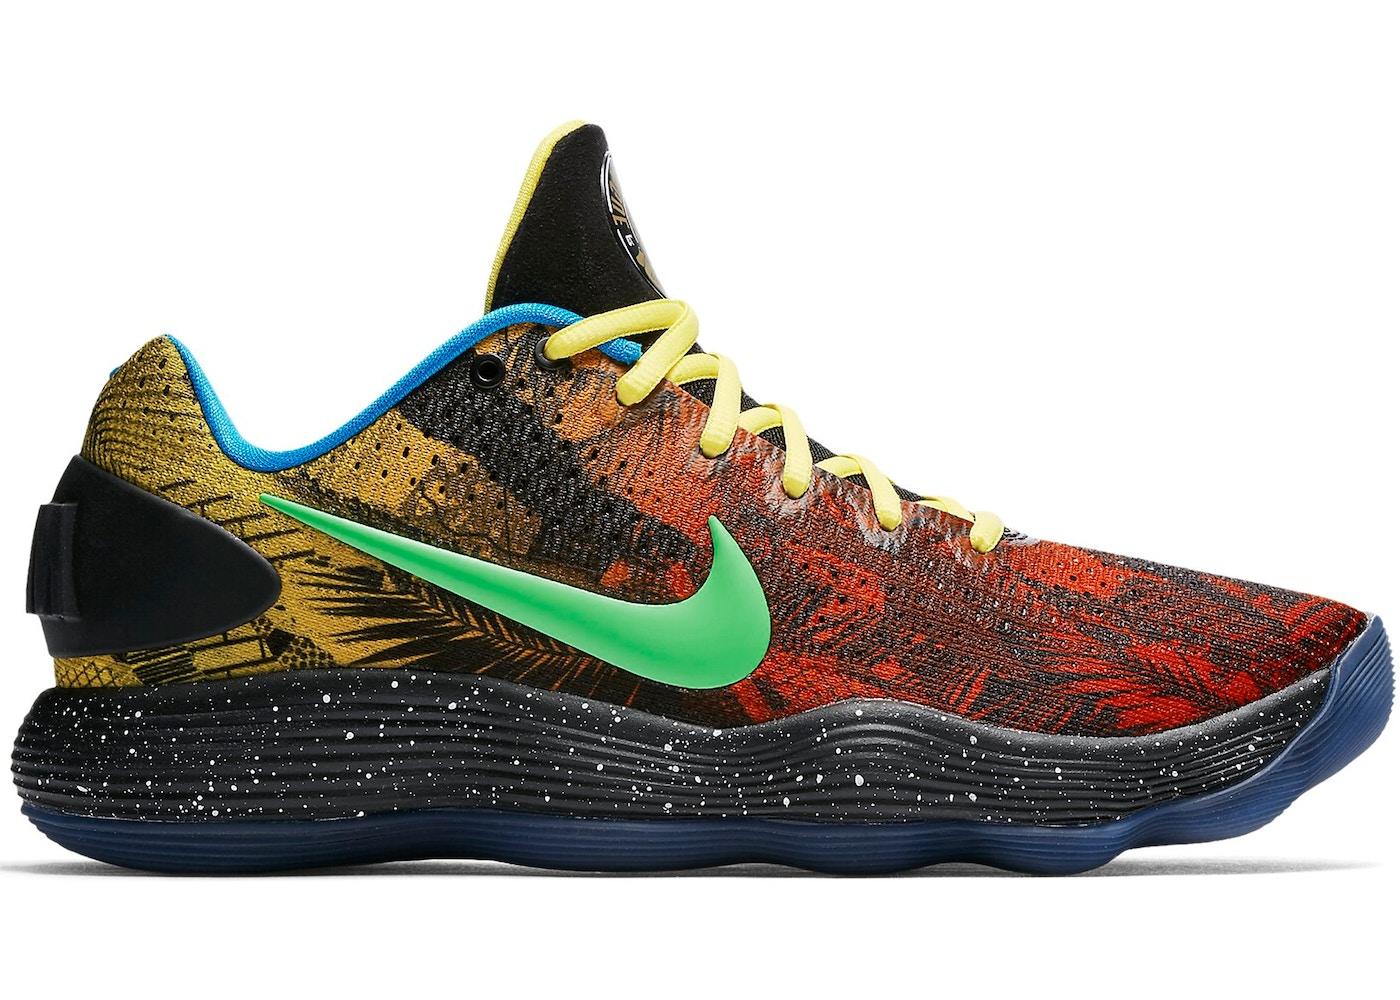 931dfa681d34 Nike Hyperdunk 2017 Low LA - AH9053-001